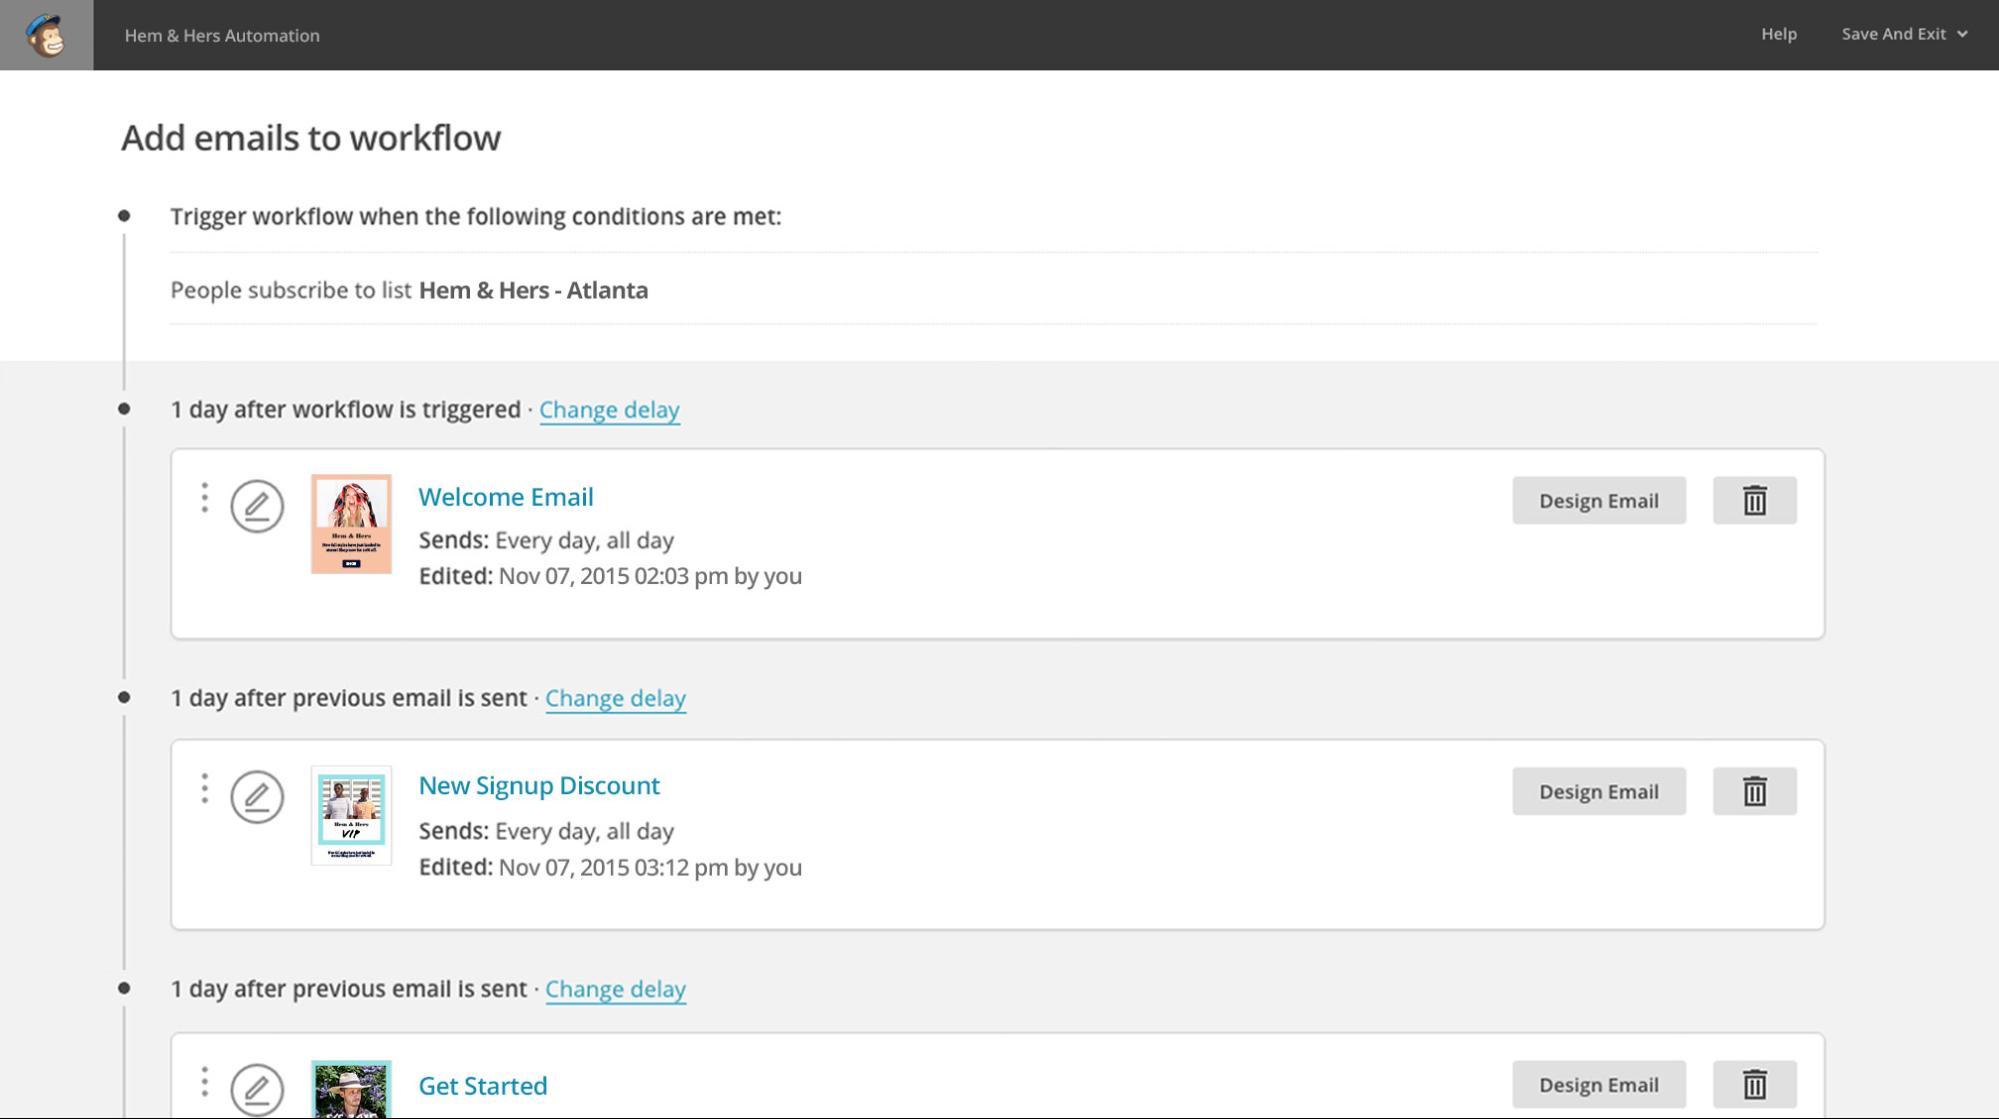 mailchimp-email-workflow